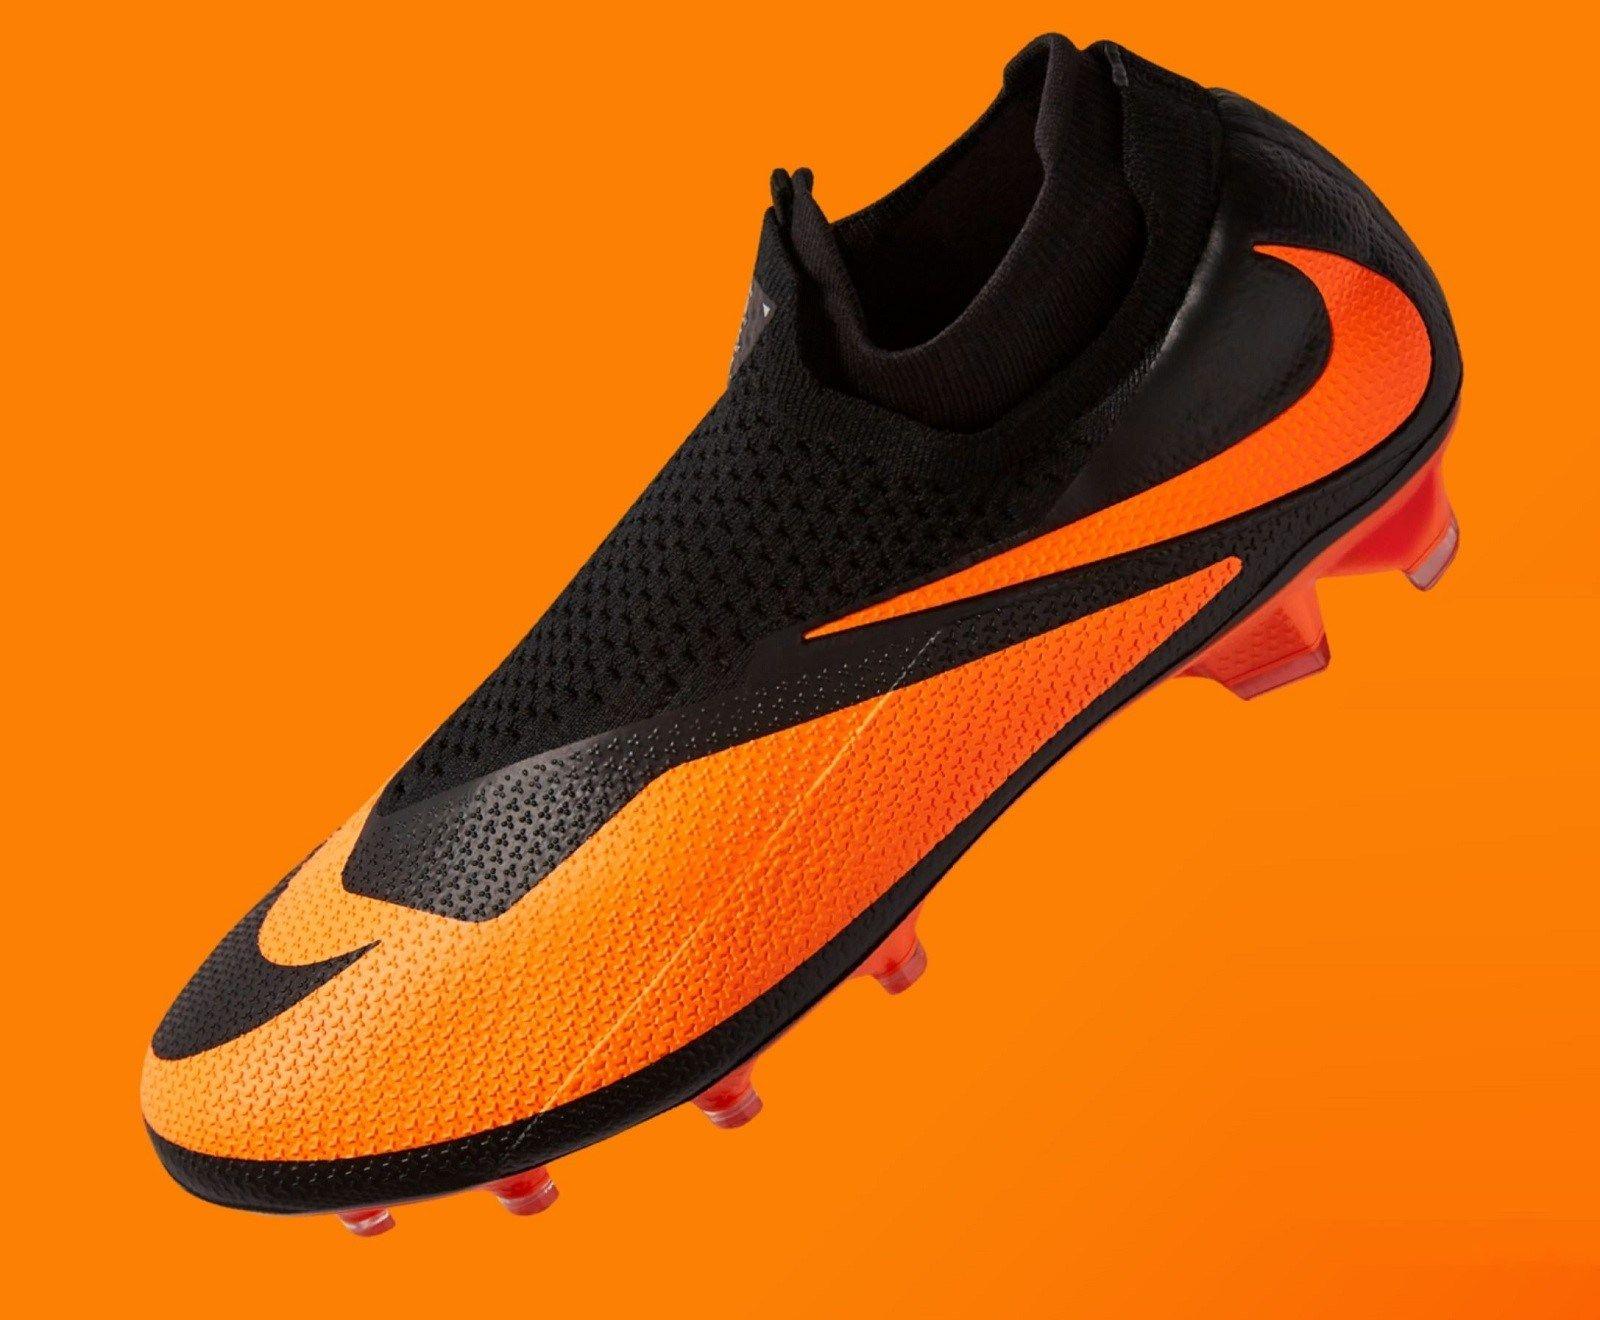 Nike Hypervenom x Phantom Vision